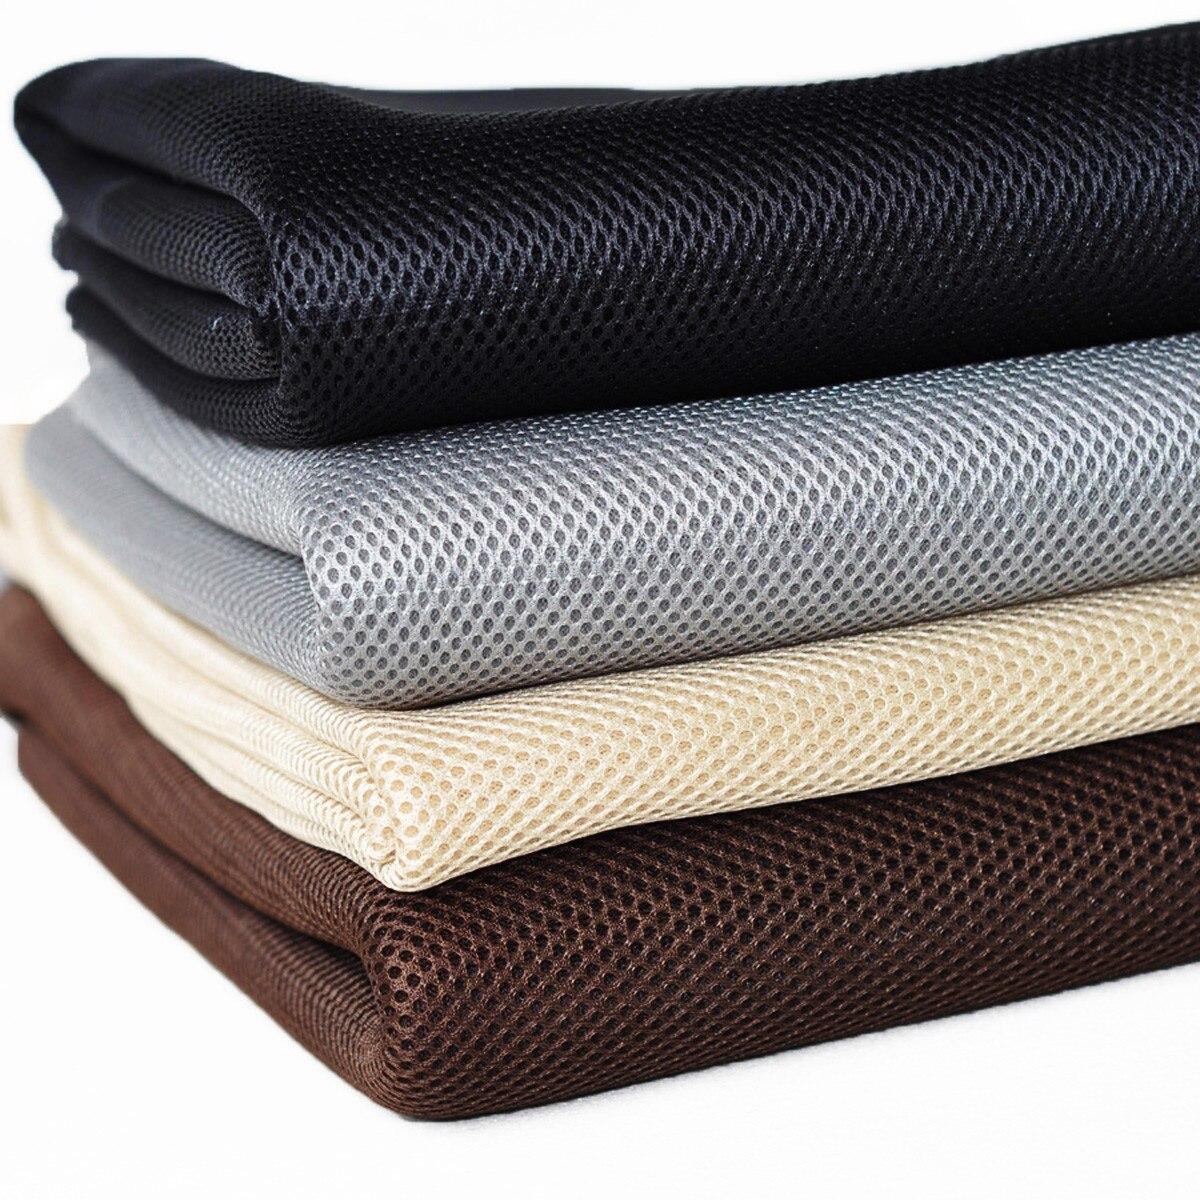 4 couleur Haut-Parleur Grill Tissu, Stéréo Gille Tissu Haut-Parleur Maille Tissu, Sound Box Accessoire Haut-Parleur Accessoires